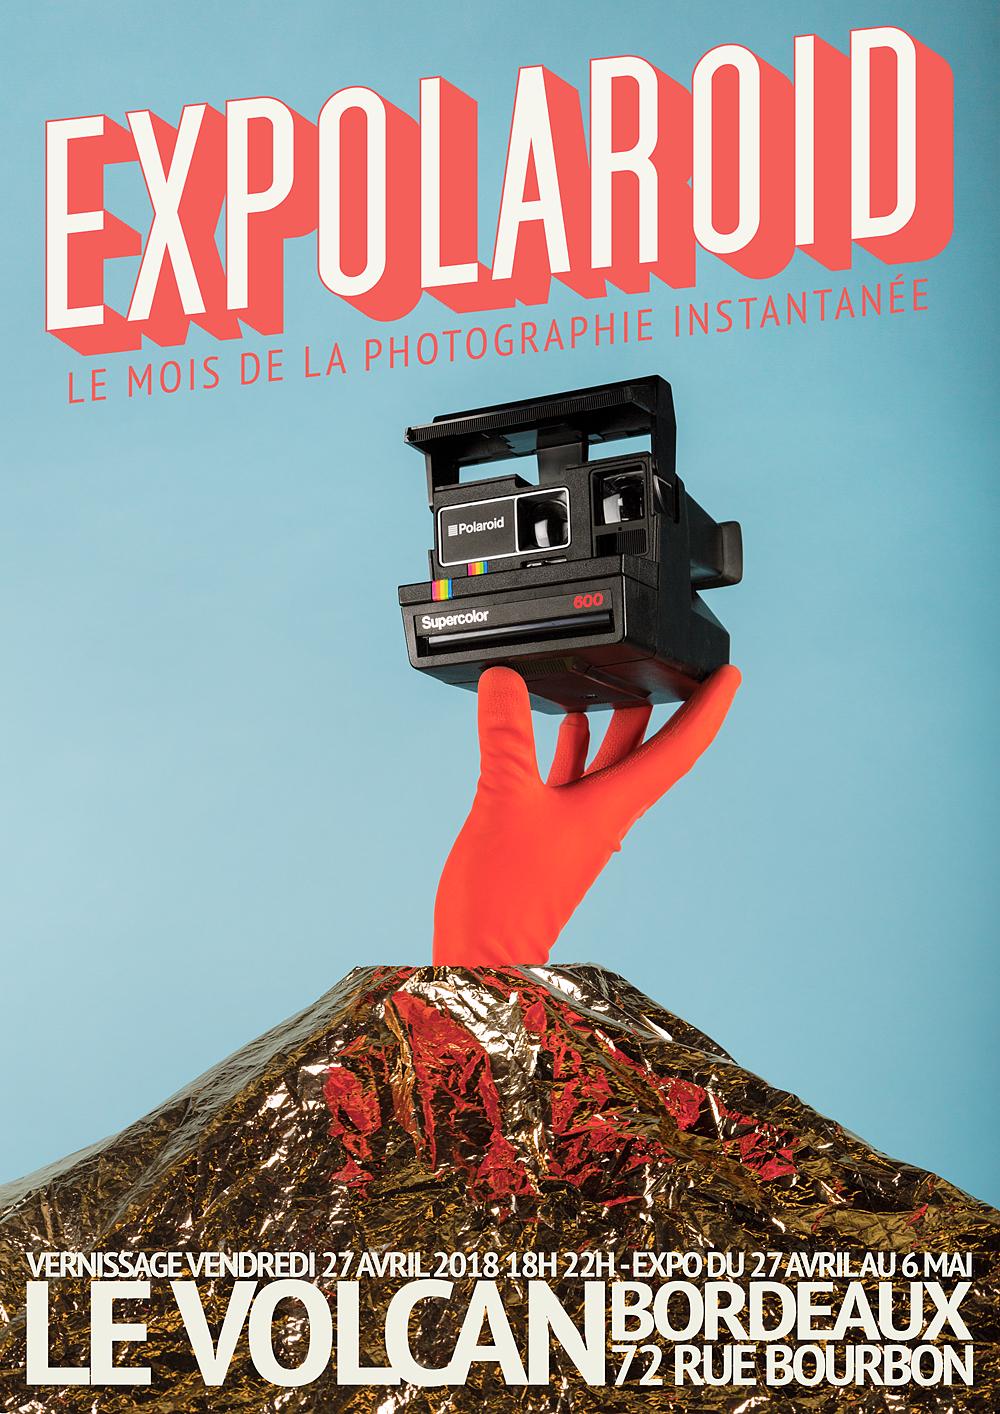 expolaroid bordeaux - vernissage vendredi 27 avril 18h au Volcan